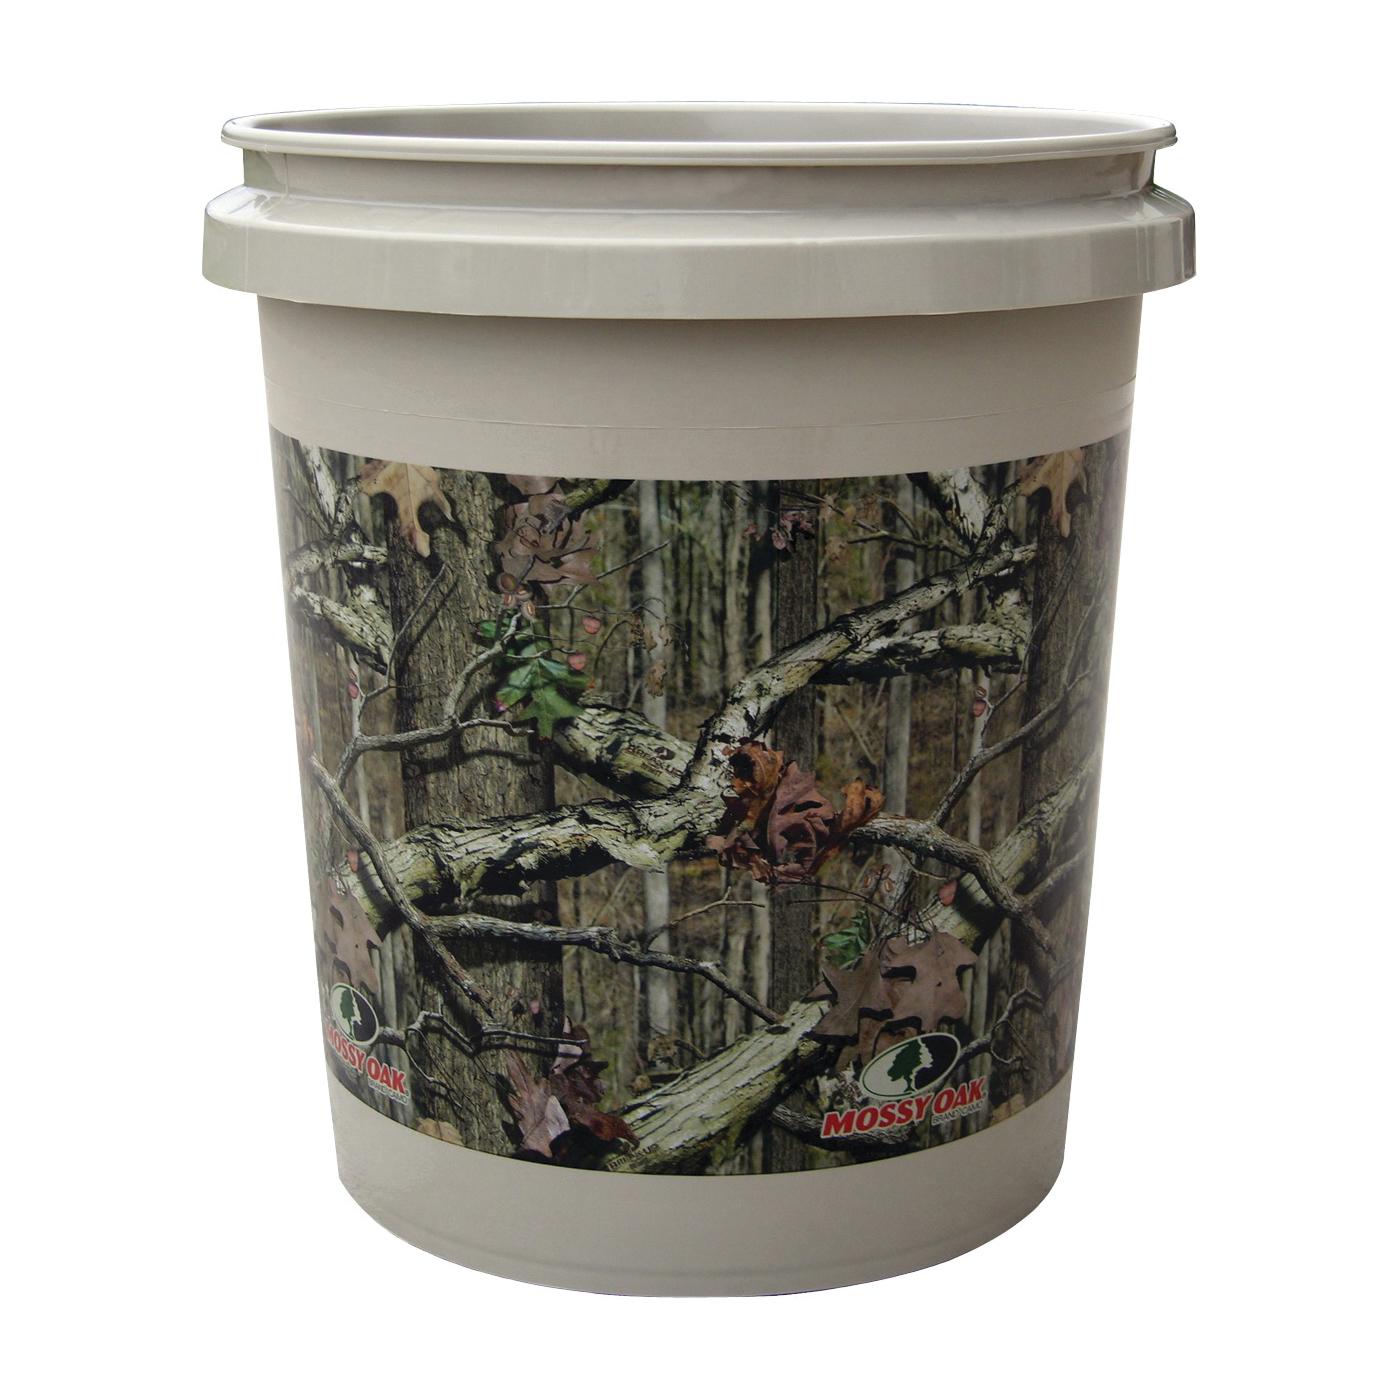 Picture of ENCORE Plastics 350358 Paint Pail, 5 gal Capacity, Plastic, Mossy Oak